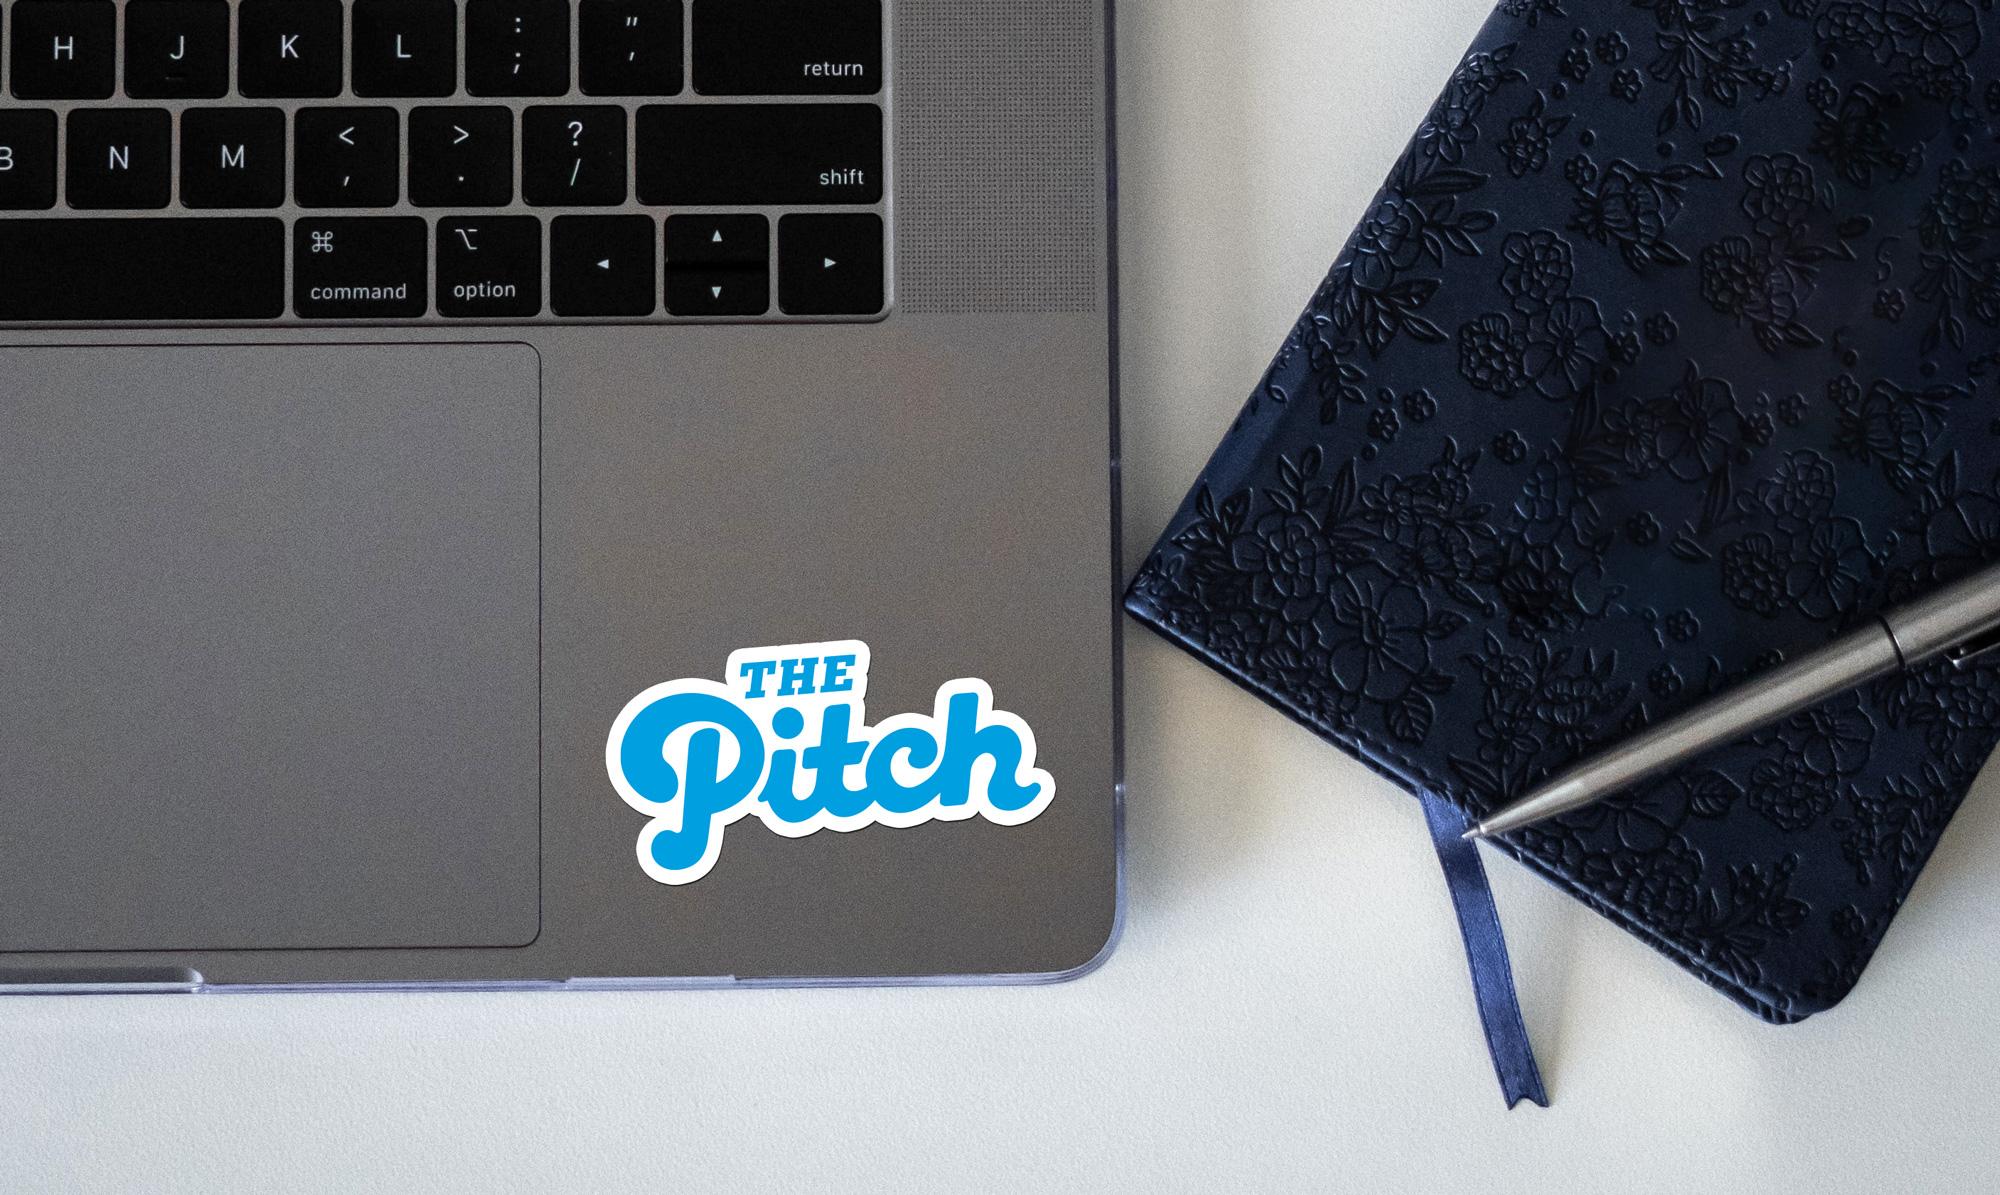 Sticker-on-Laptop-Mockup